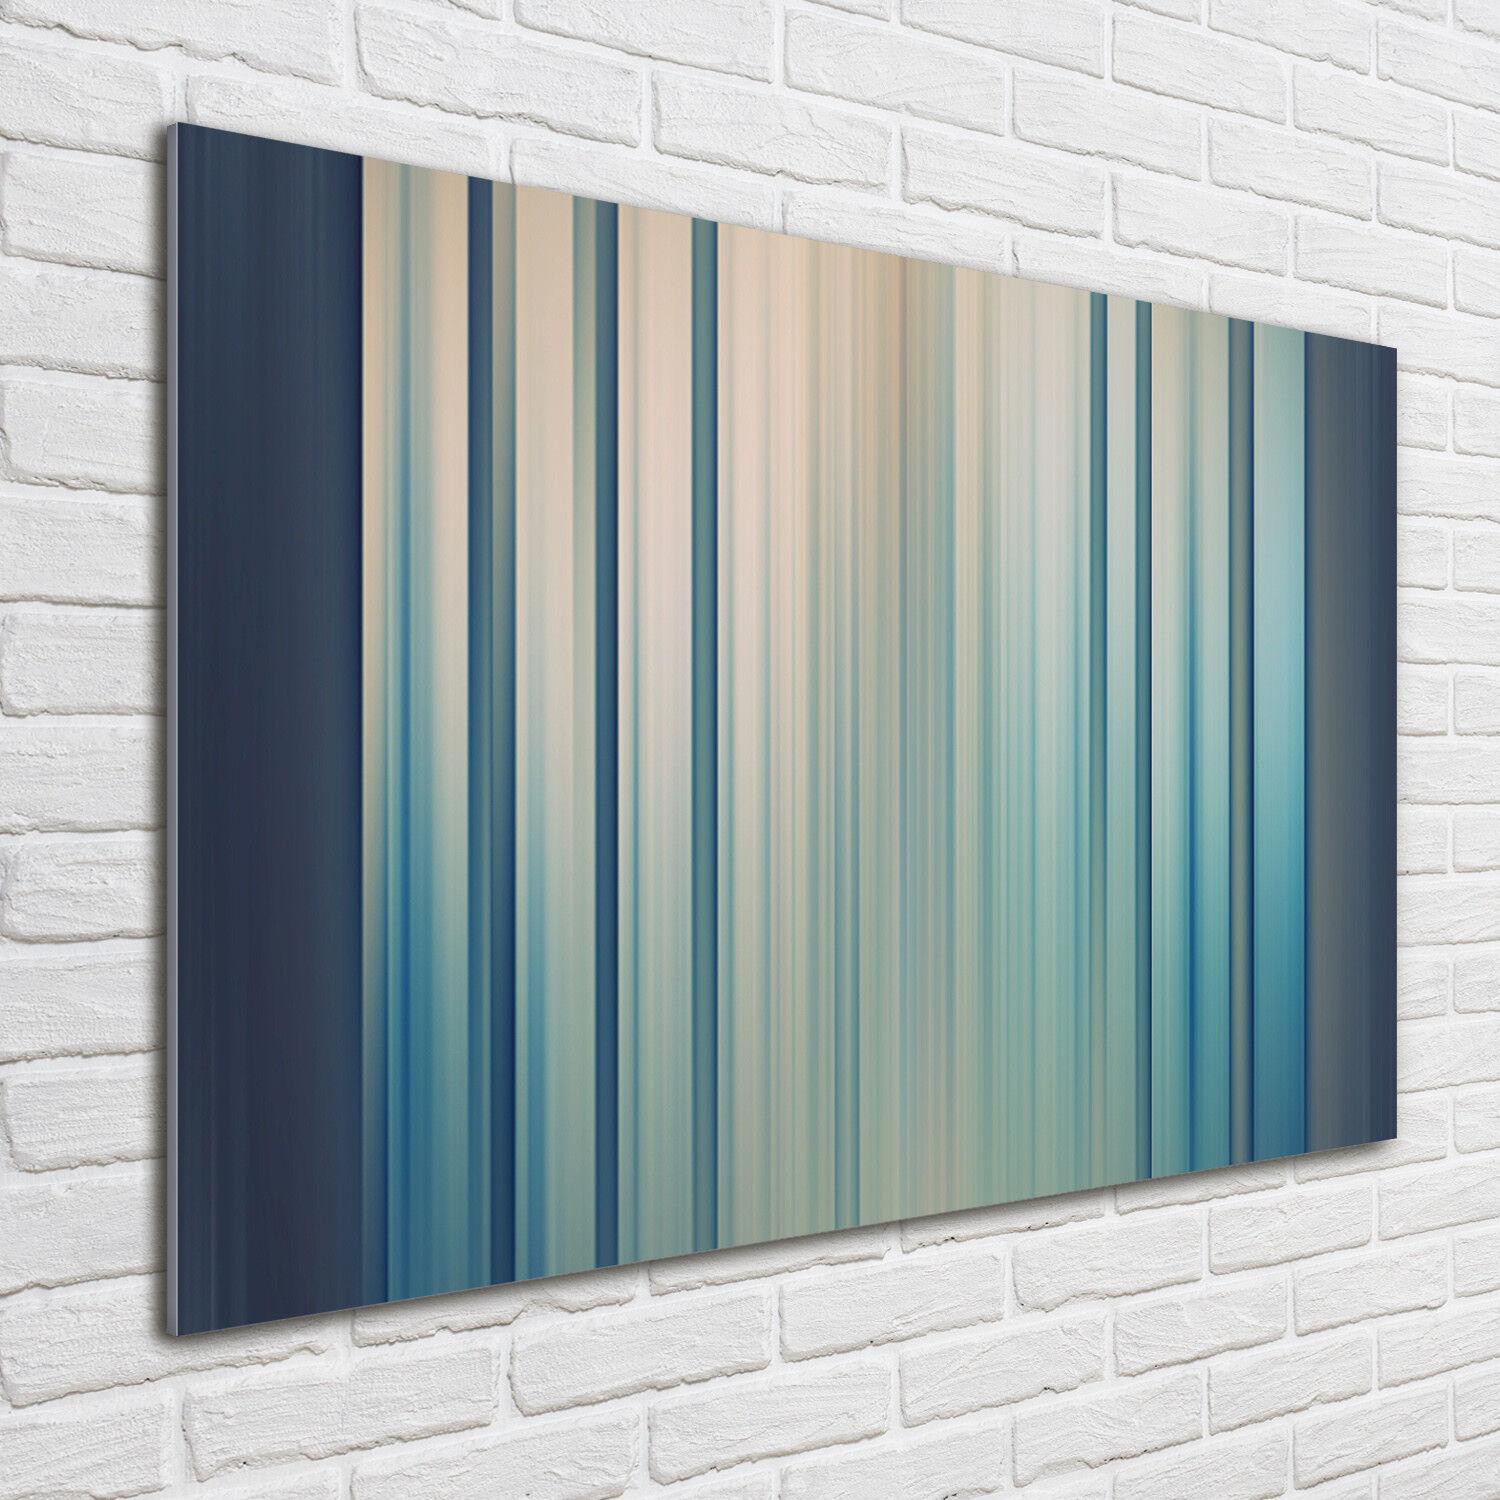 Glas-Bild Wandbilder Druck auf Glas 100x70 Deko Kunst Blaue Streifen